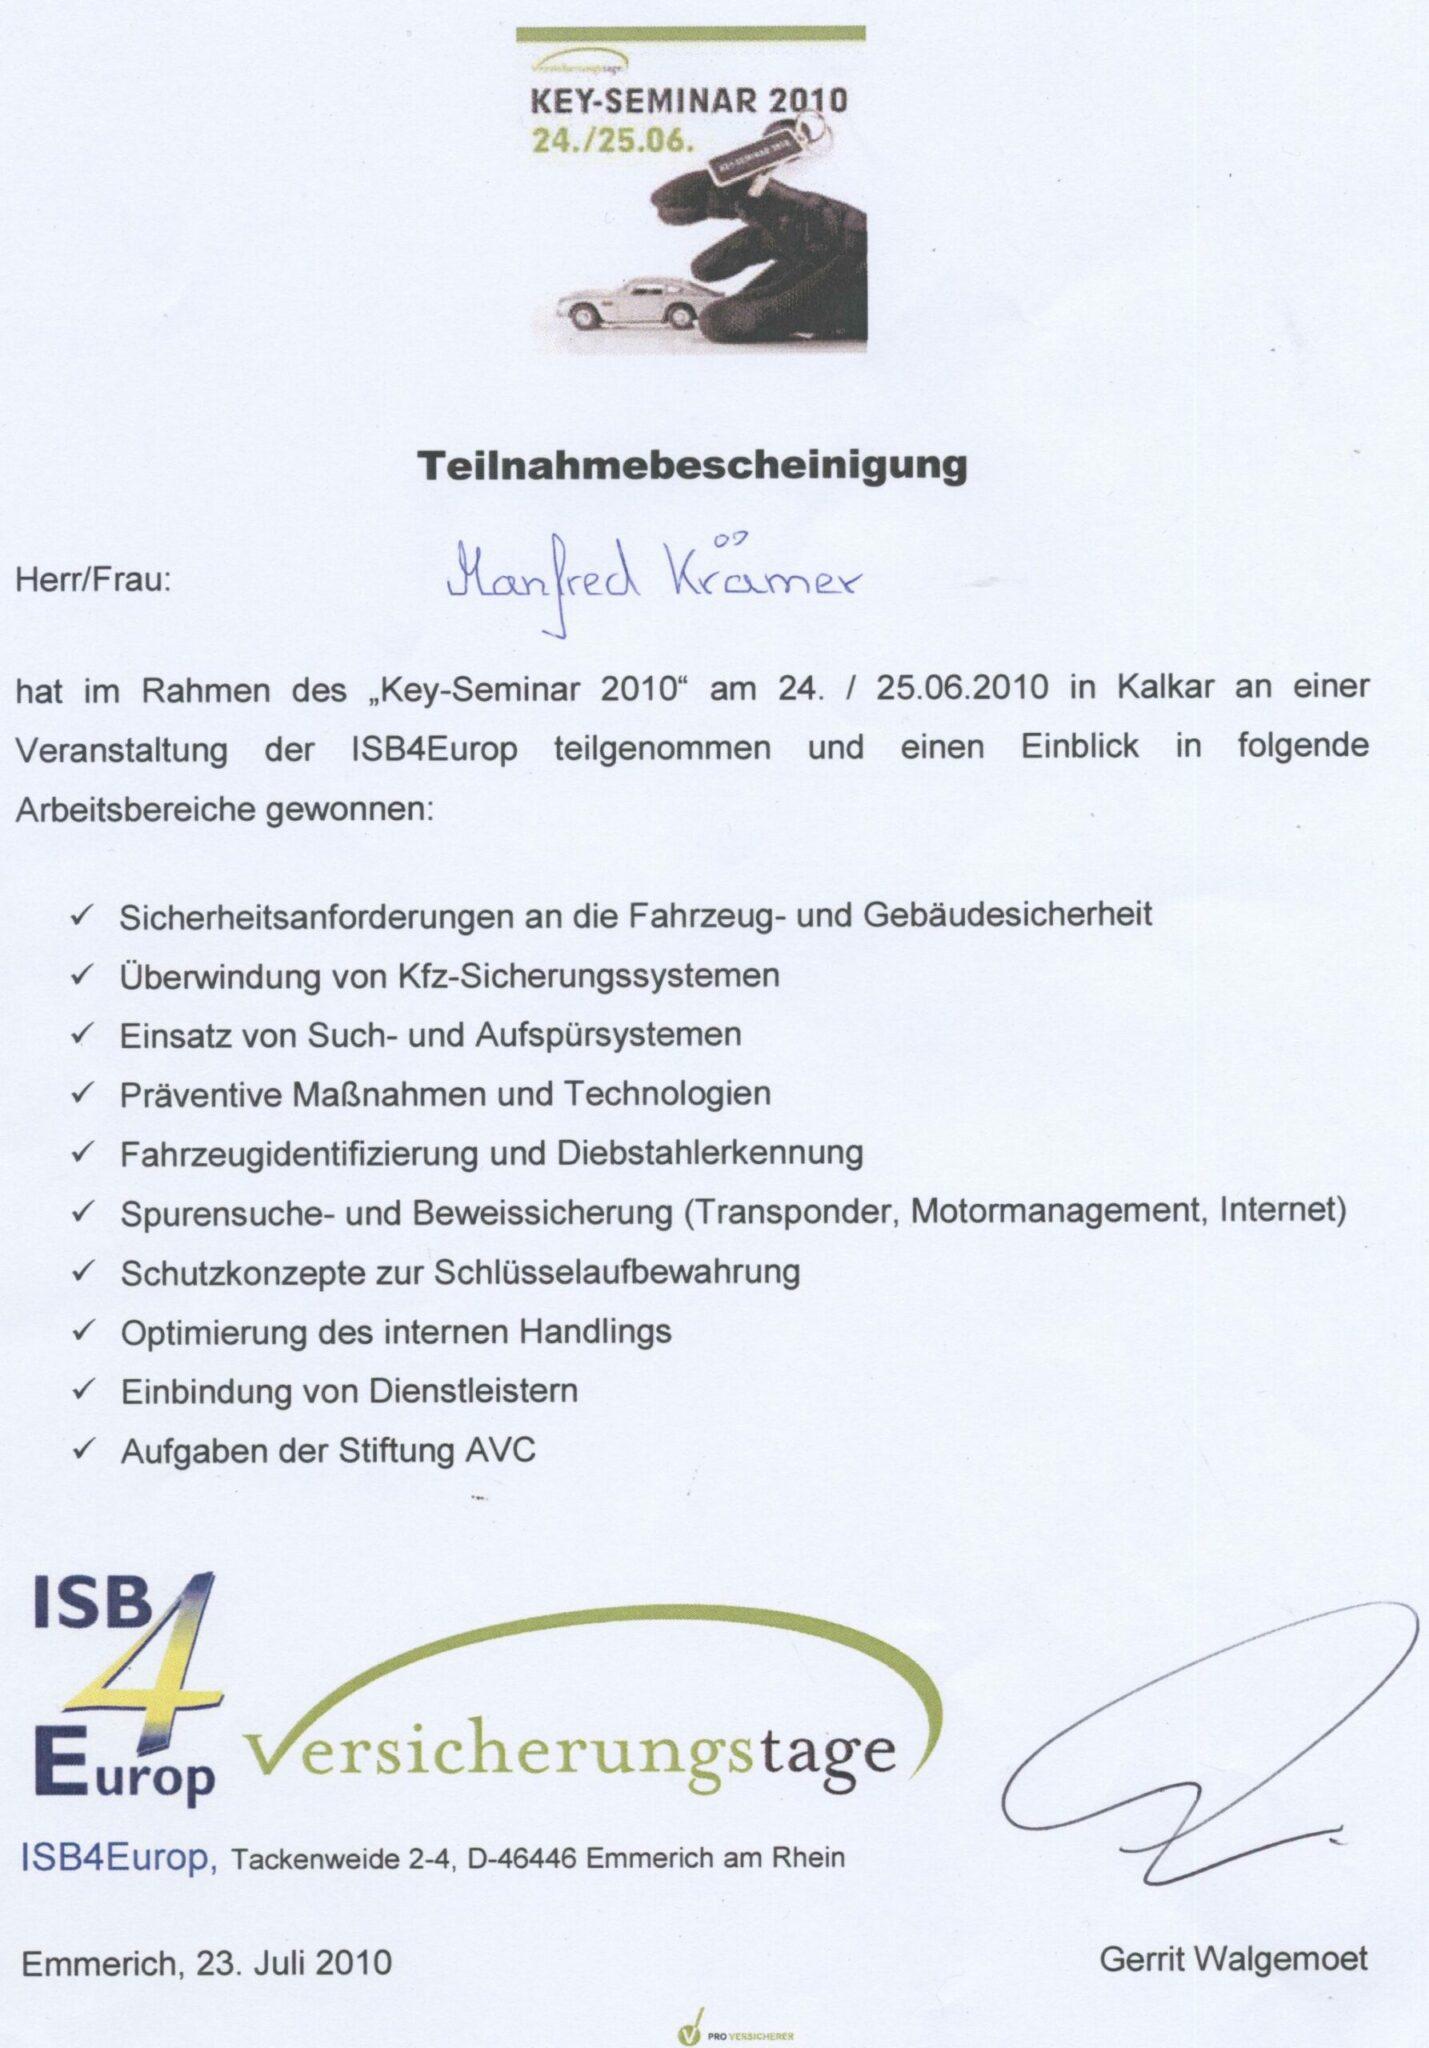 ISB4Europ 2010